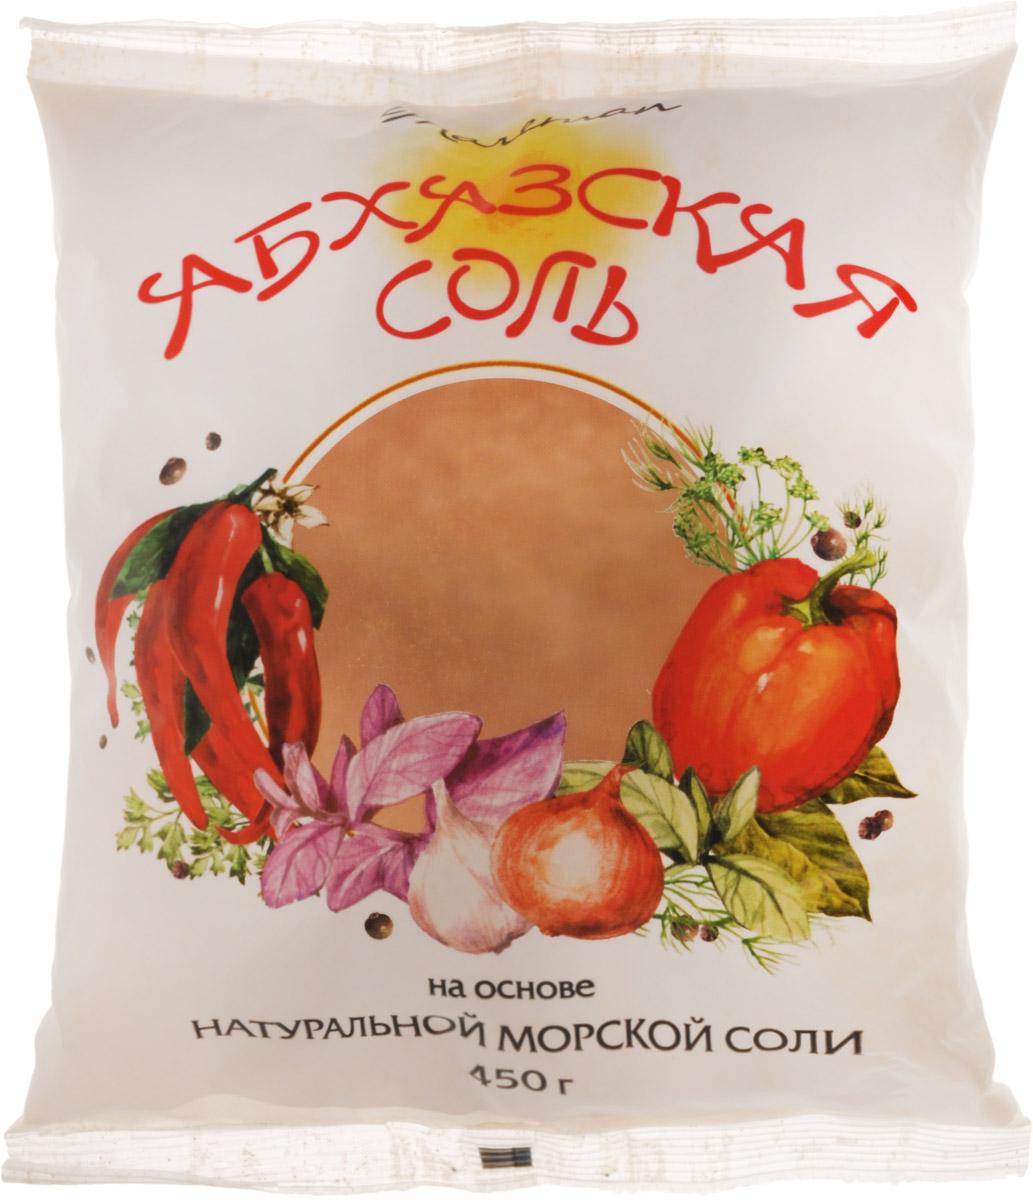 Mareman соль Абхазская, 450 г4607012294265Аджика в переводе с абхазского означает соль, сами же абхазы называют эту приправу апырпыл-джика (перечная соль) или аджиктцатца), то есть соль, перетертая с чем-то.Ее появление связывают с абхазскими чабанами, когда весной угонялись отары в горы, хозяева выдавали чабанам соль для добавки в питание только лишь овцам. После приема пищи с солью овцы, томимые жаждой, ели травы намного больше и быстрее набирали в весе.В те давние времена соль была дорогим товаром, и хозяева отар специально подмешивали в нее красный жгучий перец, чтобы чабаны не присыпали ей свою еду.После чего соль теряла свой первоначальный вид, однако это не помешало чабанам использовать ее в качестве ароматной приправы, добавив чеснок, кинзу, хмели-сунели и прочие пряности.Традиционная аджика, приготовленная по старинным рецептам, с добавлением натуральной морской соли подарила нашему столу абхазскую соль.Уважаемые клиенты! Обращаем ваше внимание, что полный перечень состава продукта представлен на дополнительном изображении.